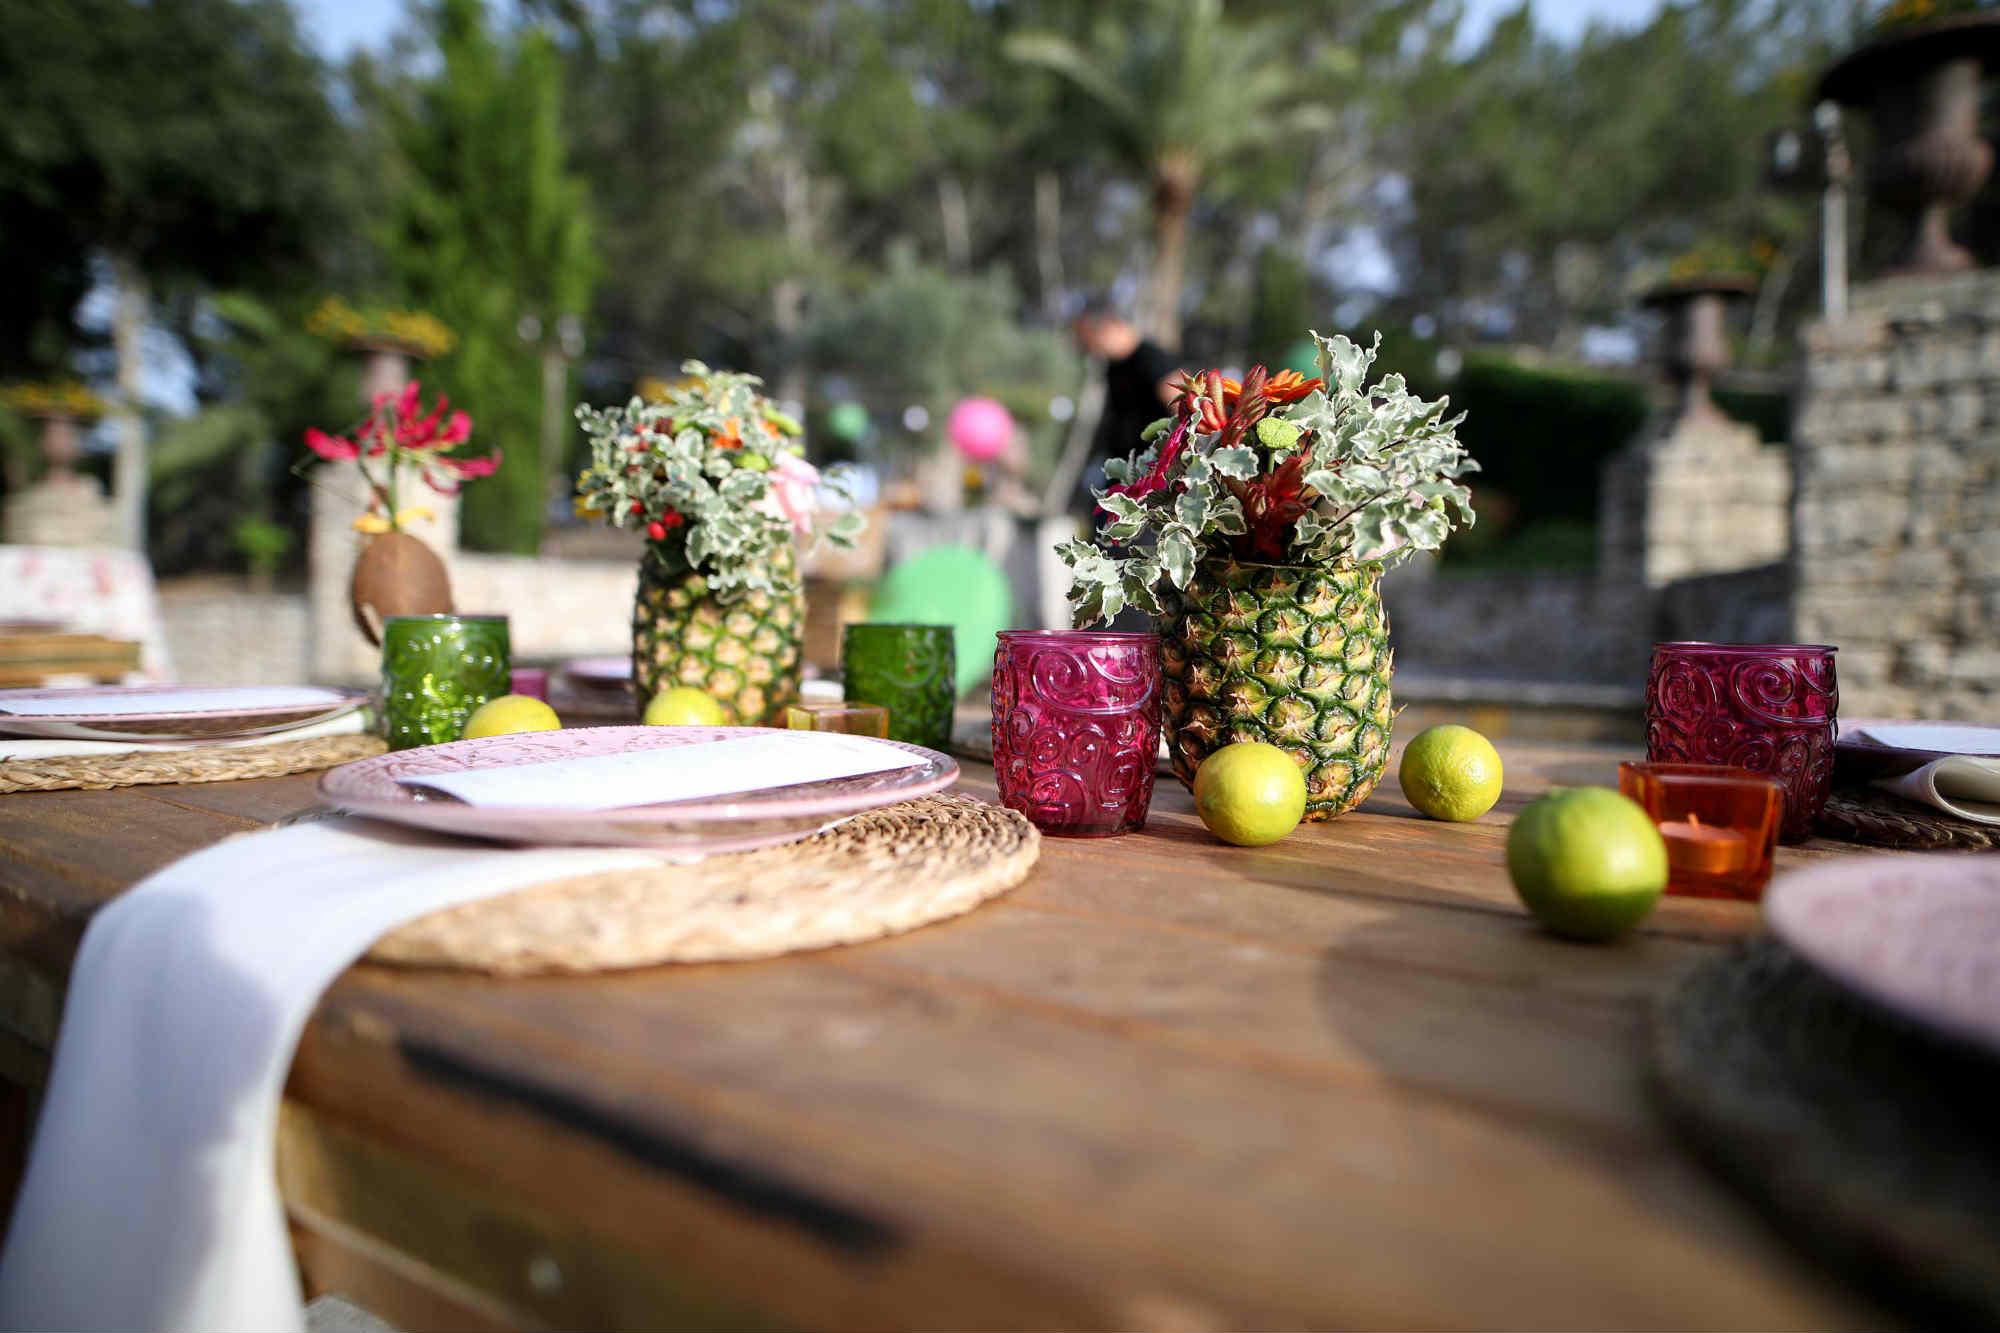 Bodas y eventos mallorca con vicky pulgar n catering for Escuela de cocina mallorca